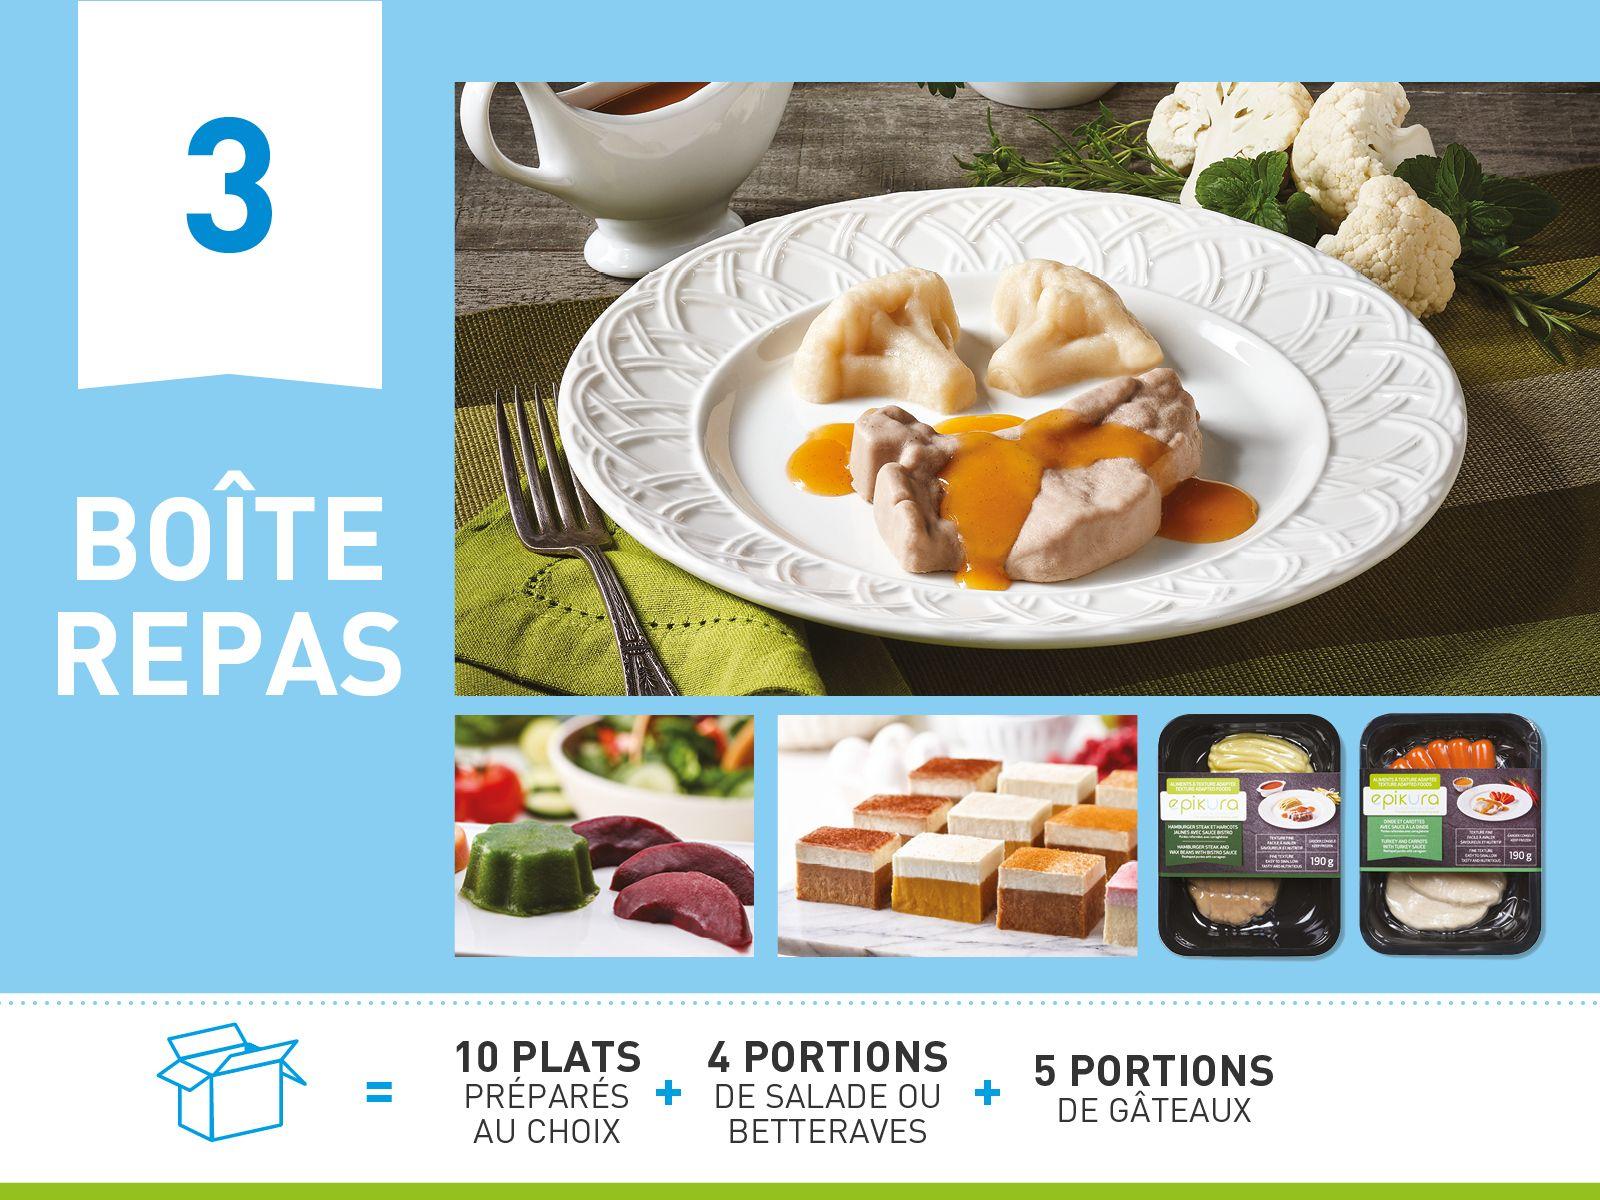 Boîte repas #3  ALIMENTS À TEXTURE ADAPTÉE ET SÉCURITAIRE